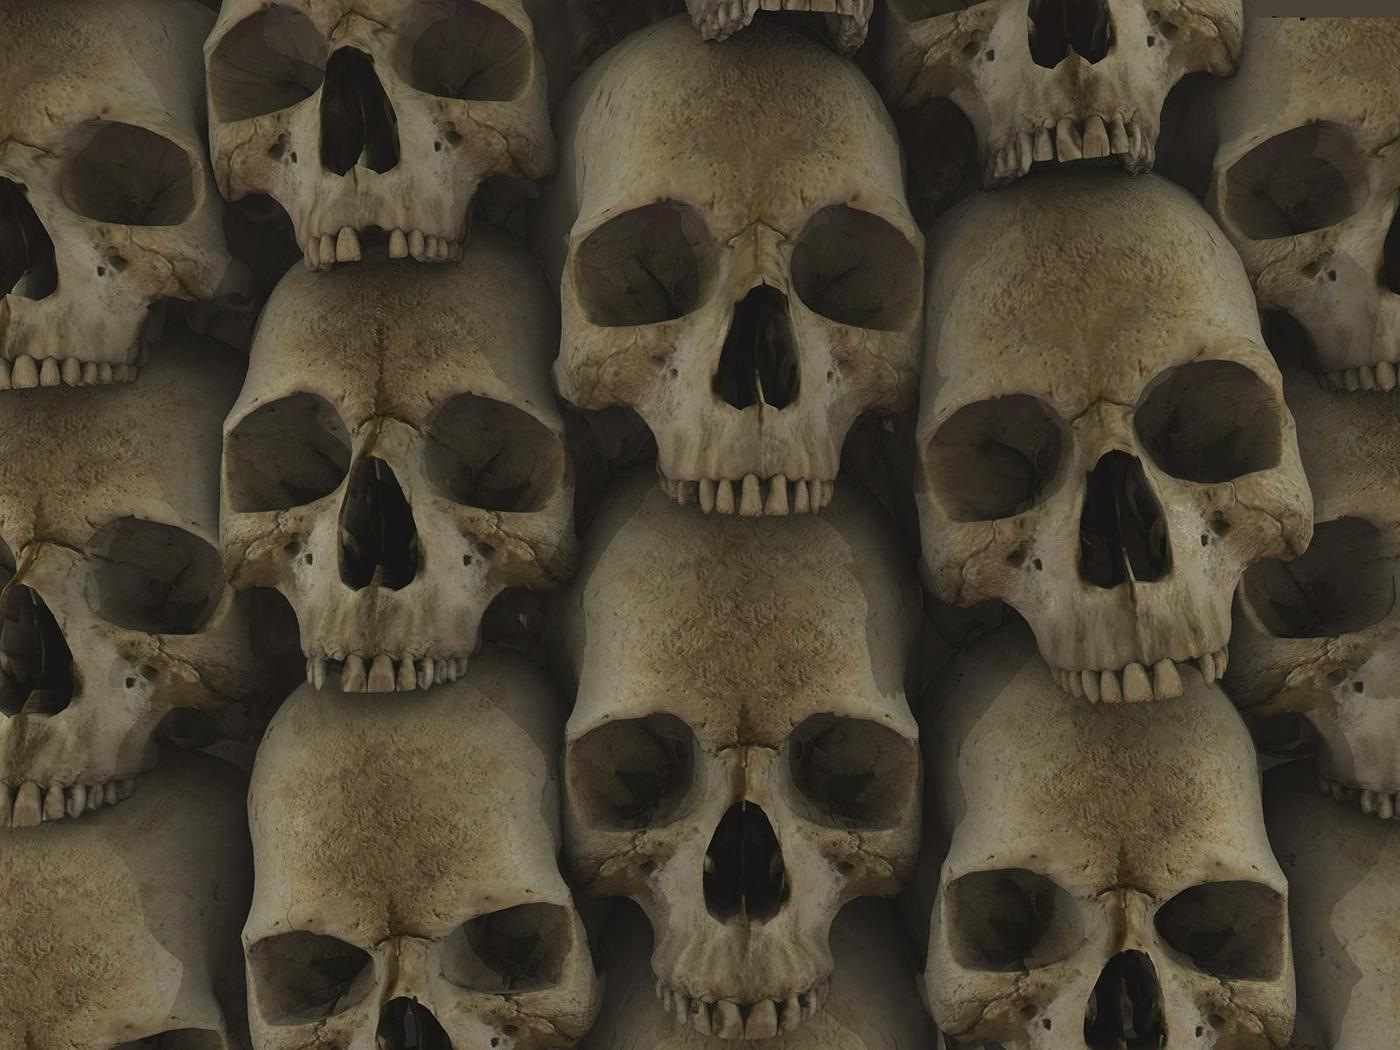 Totenkopf wallpapers